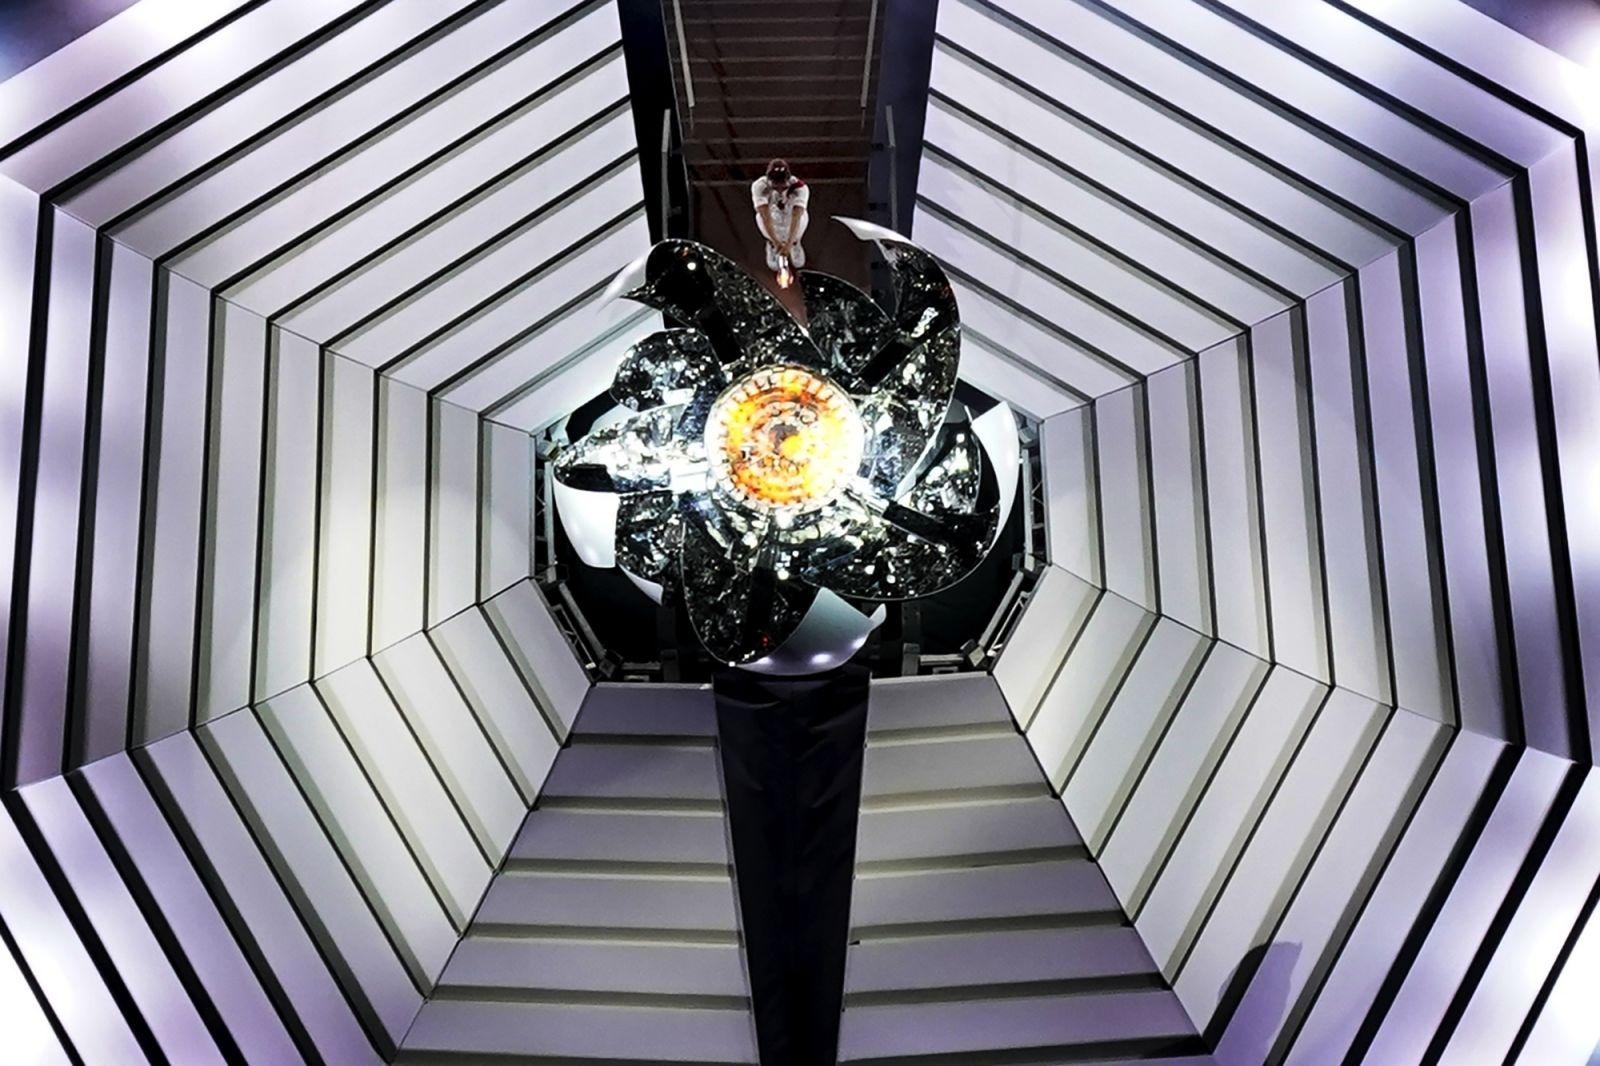 Quang cảnh từ trên cao của Osaka thắp sáng chiếc vạc. Chiếc vạc được thiết kế theo hình một bông hoa anh đào.Morrow Gash / AP